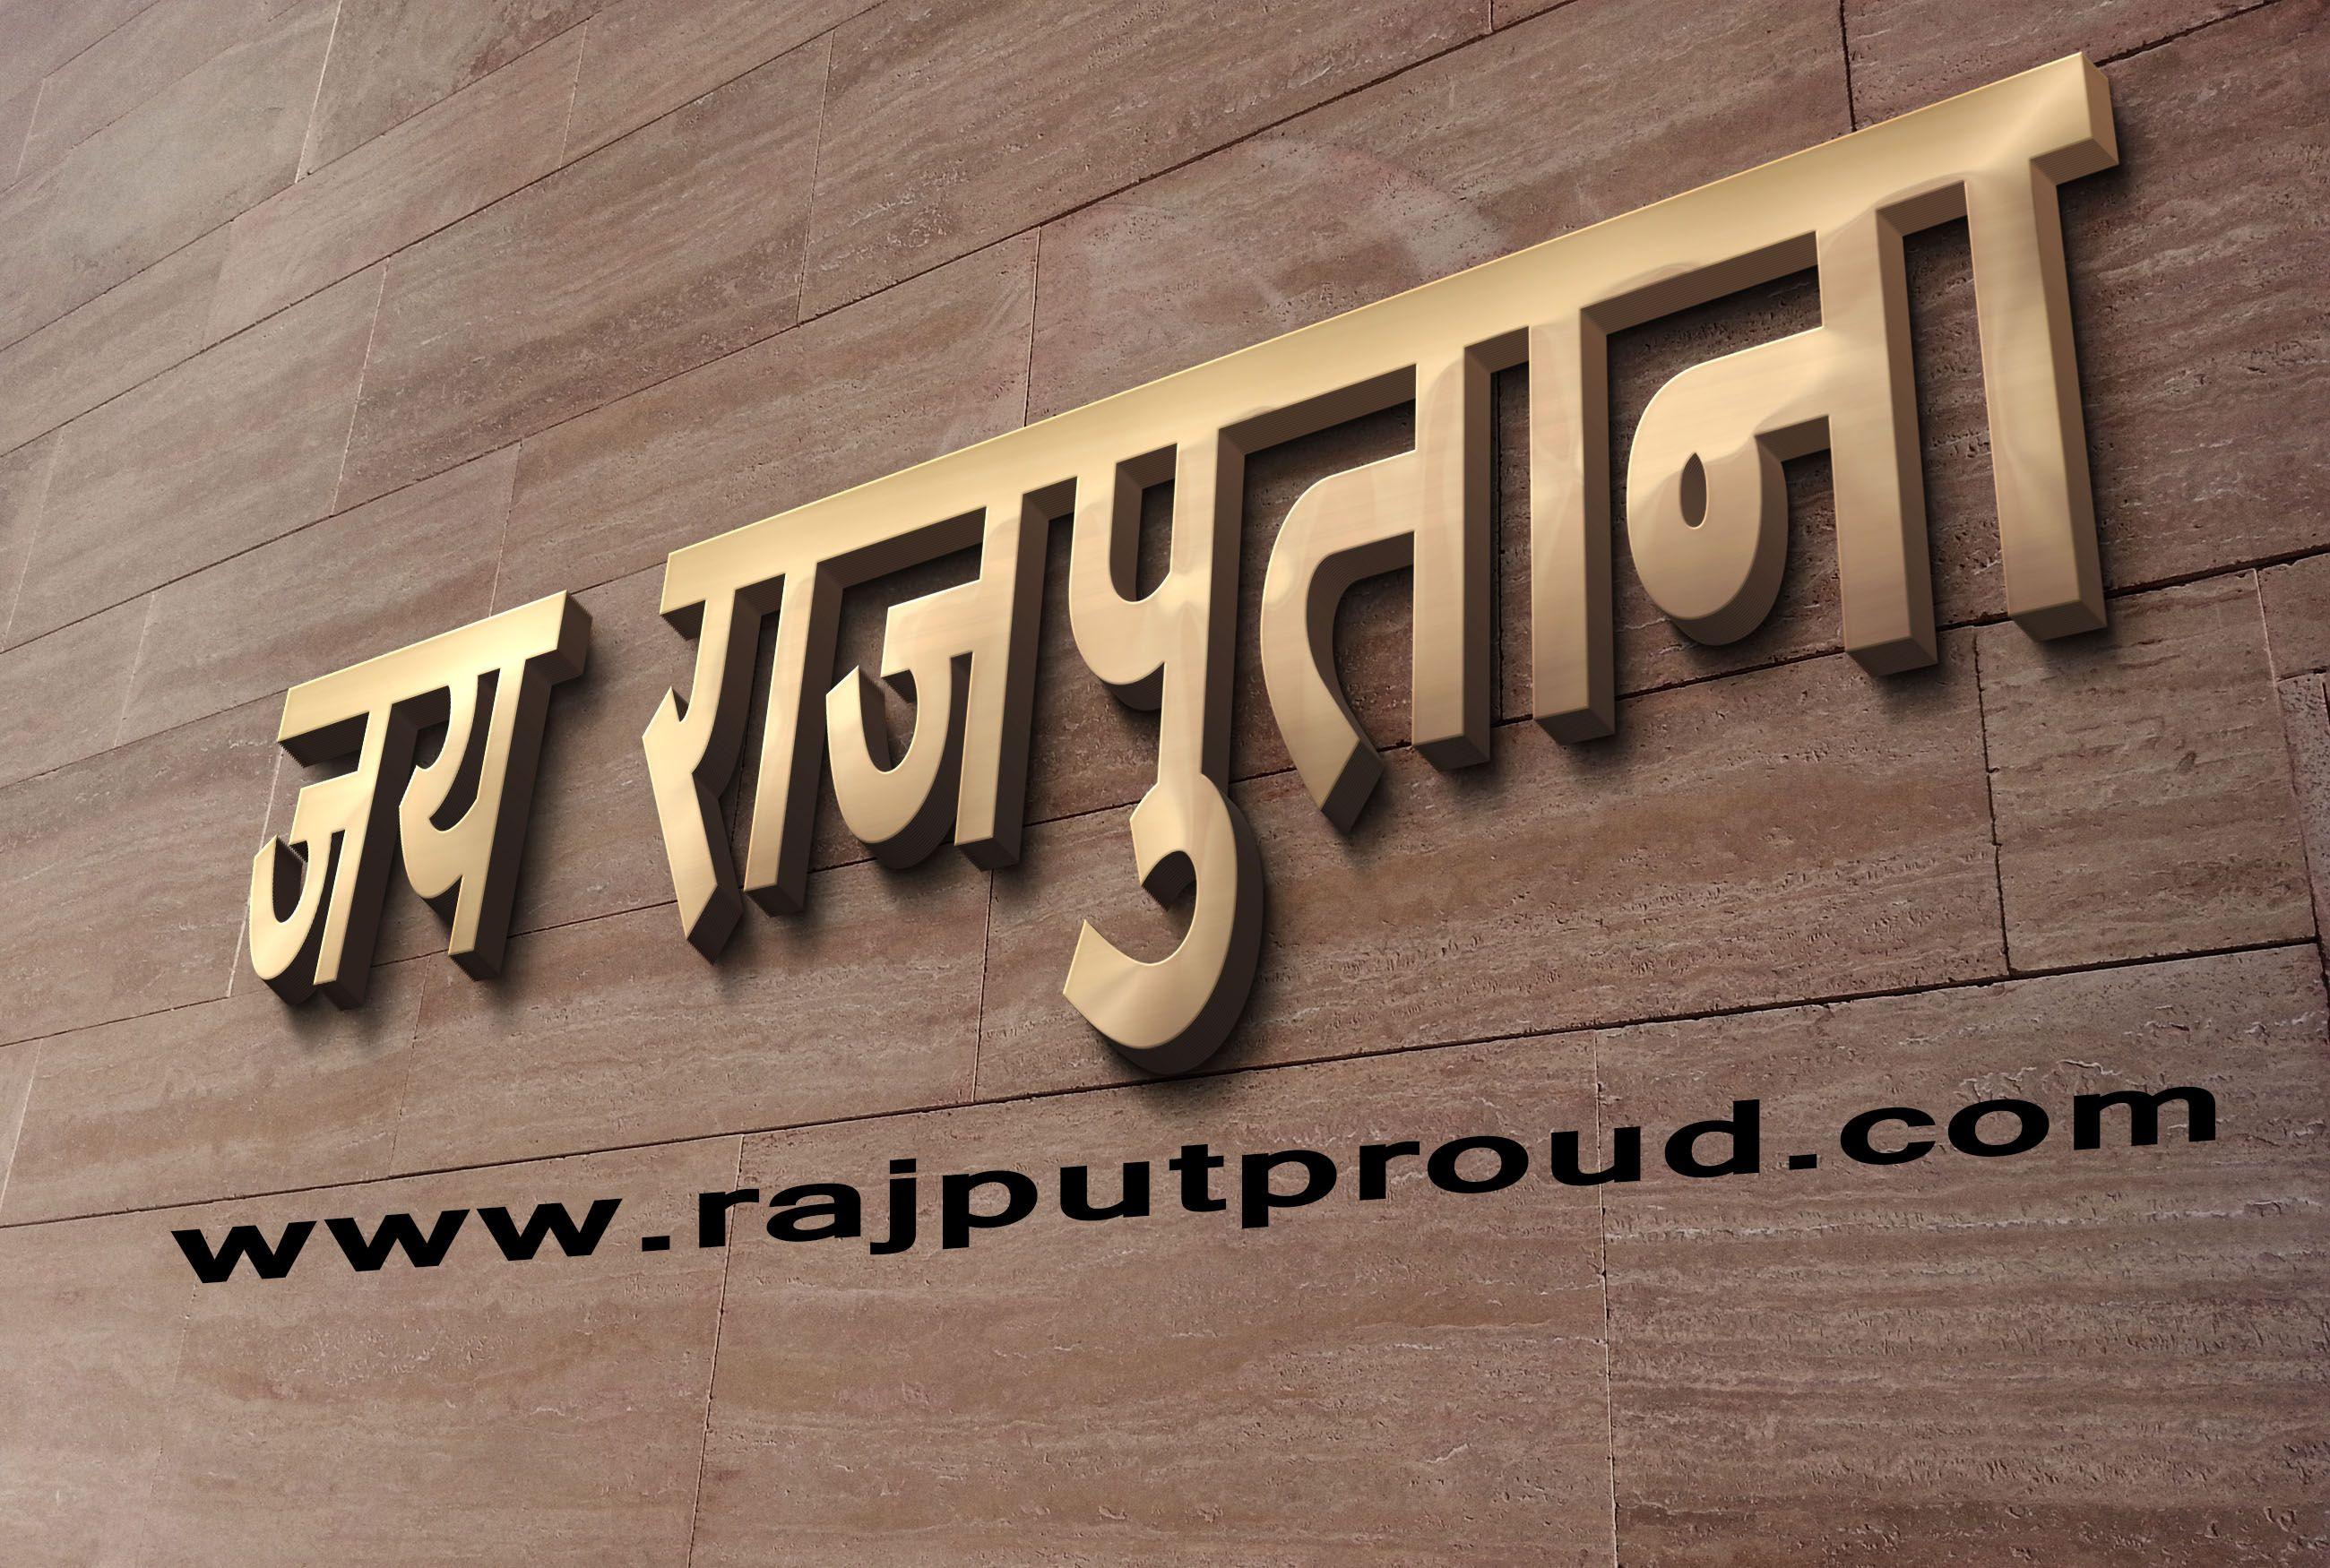 Rajput Proud ,Rajputana Wallpapers Desktop wallpaper art